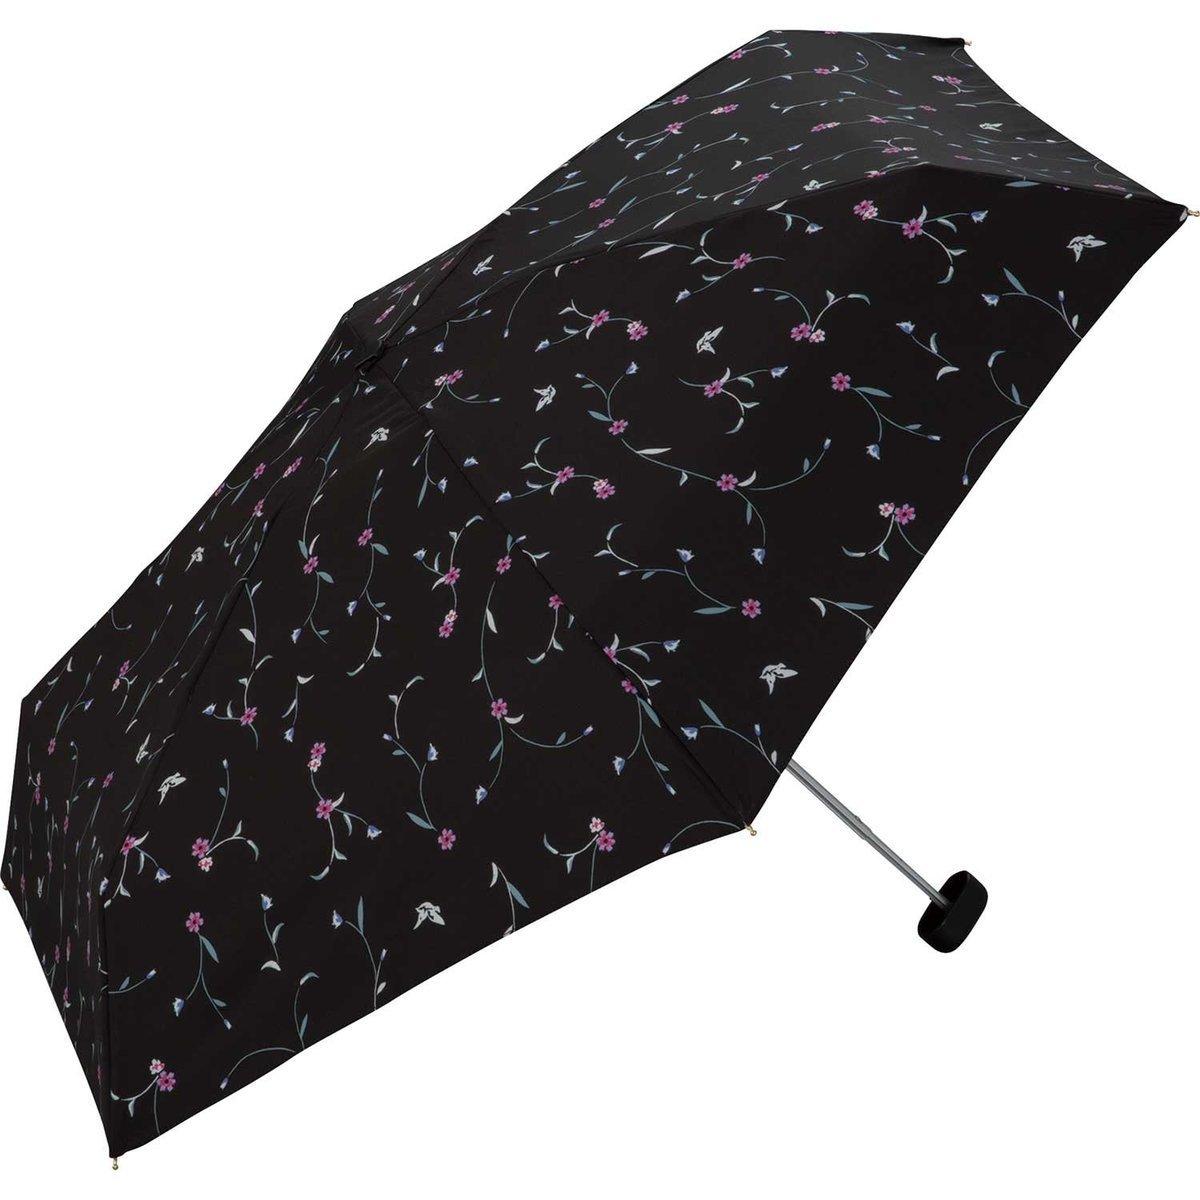 輕便精巧‧防UV‧6076伸縮雨傘 - 黑